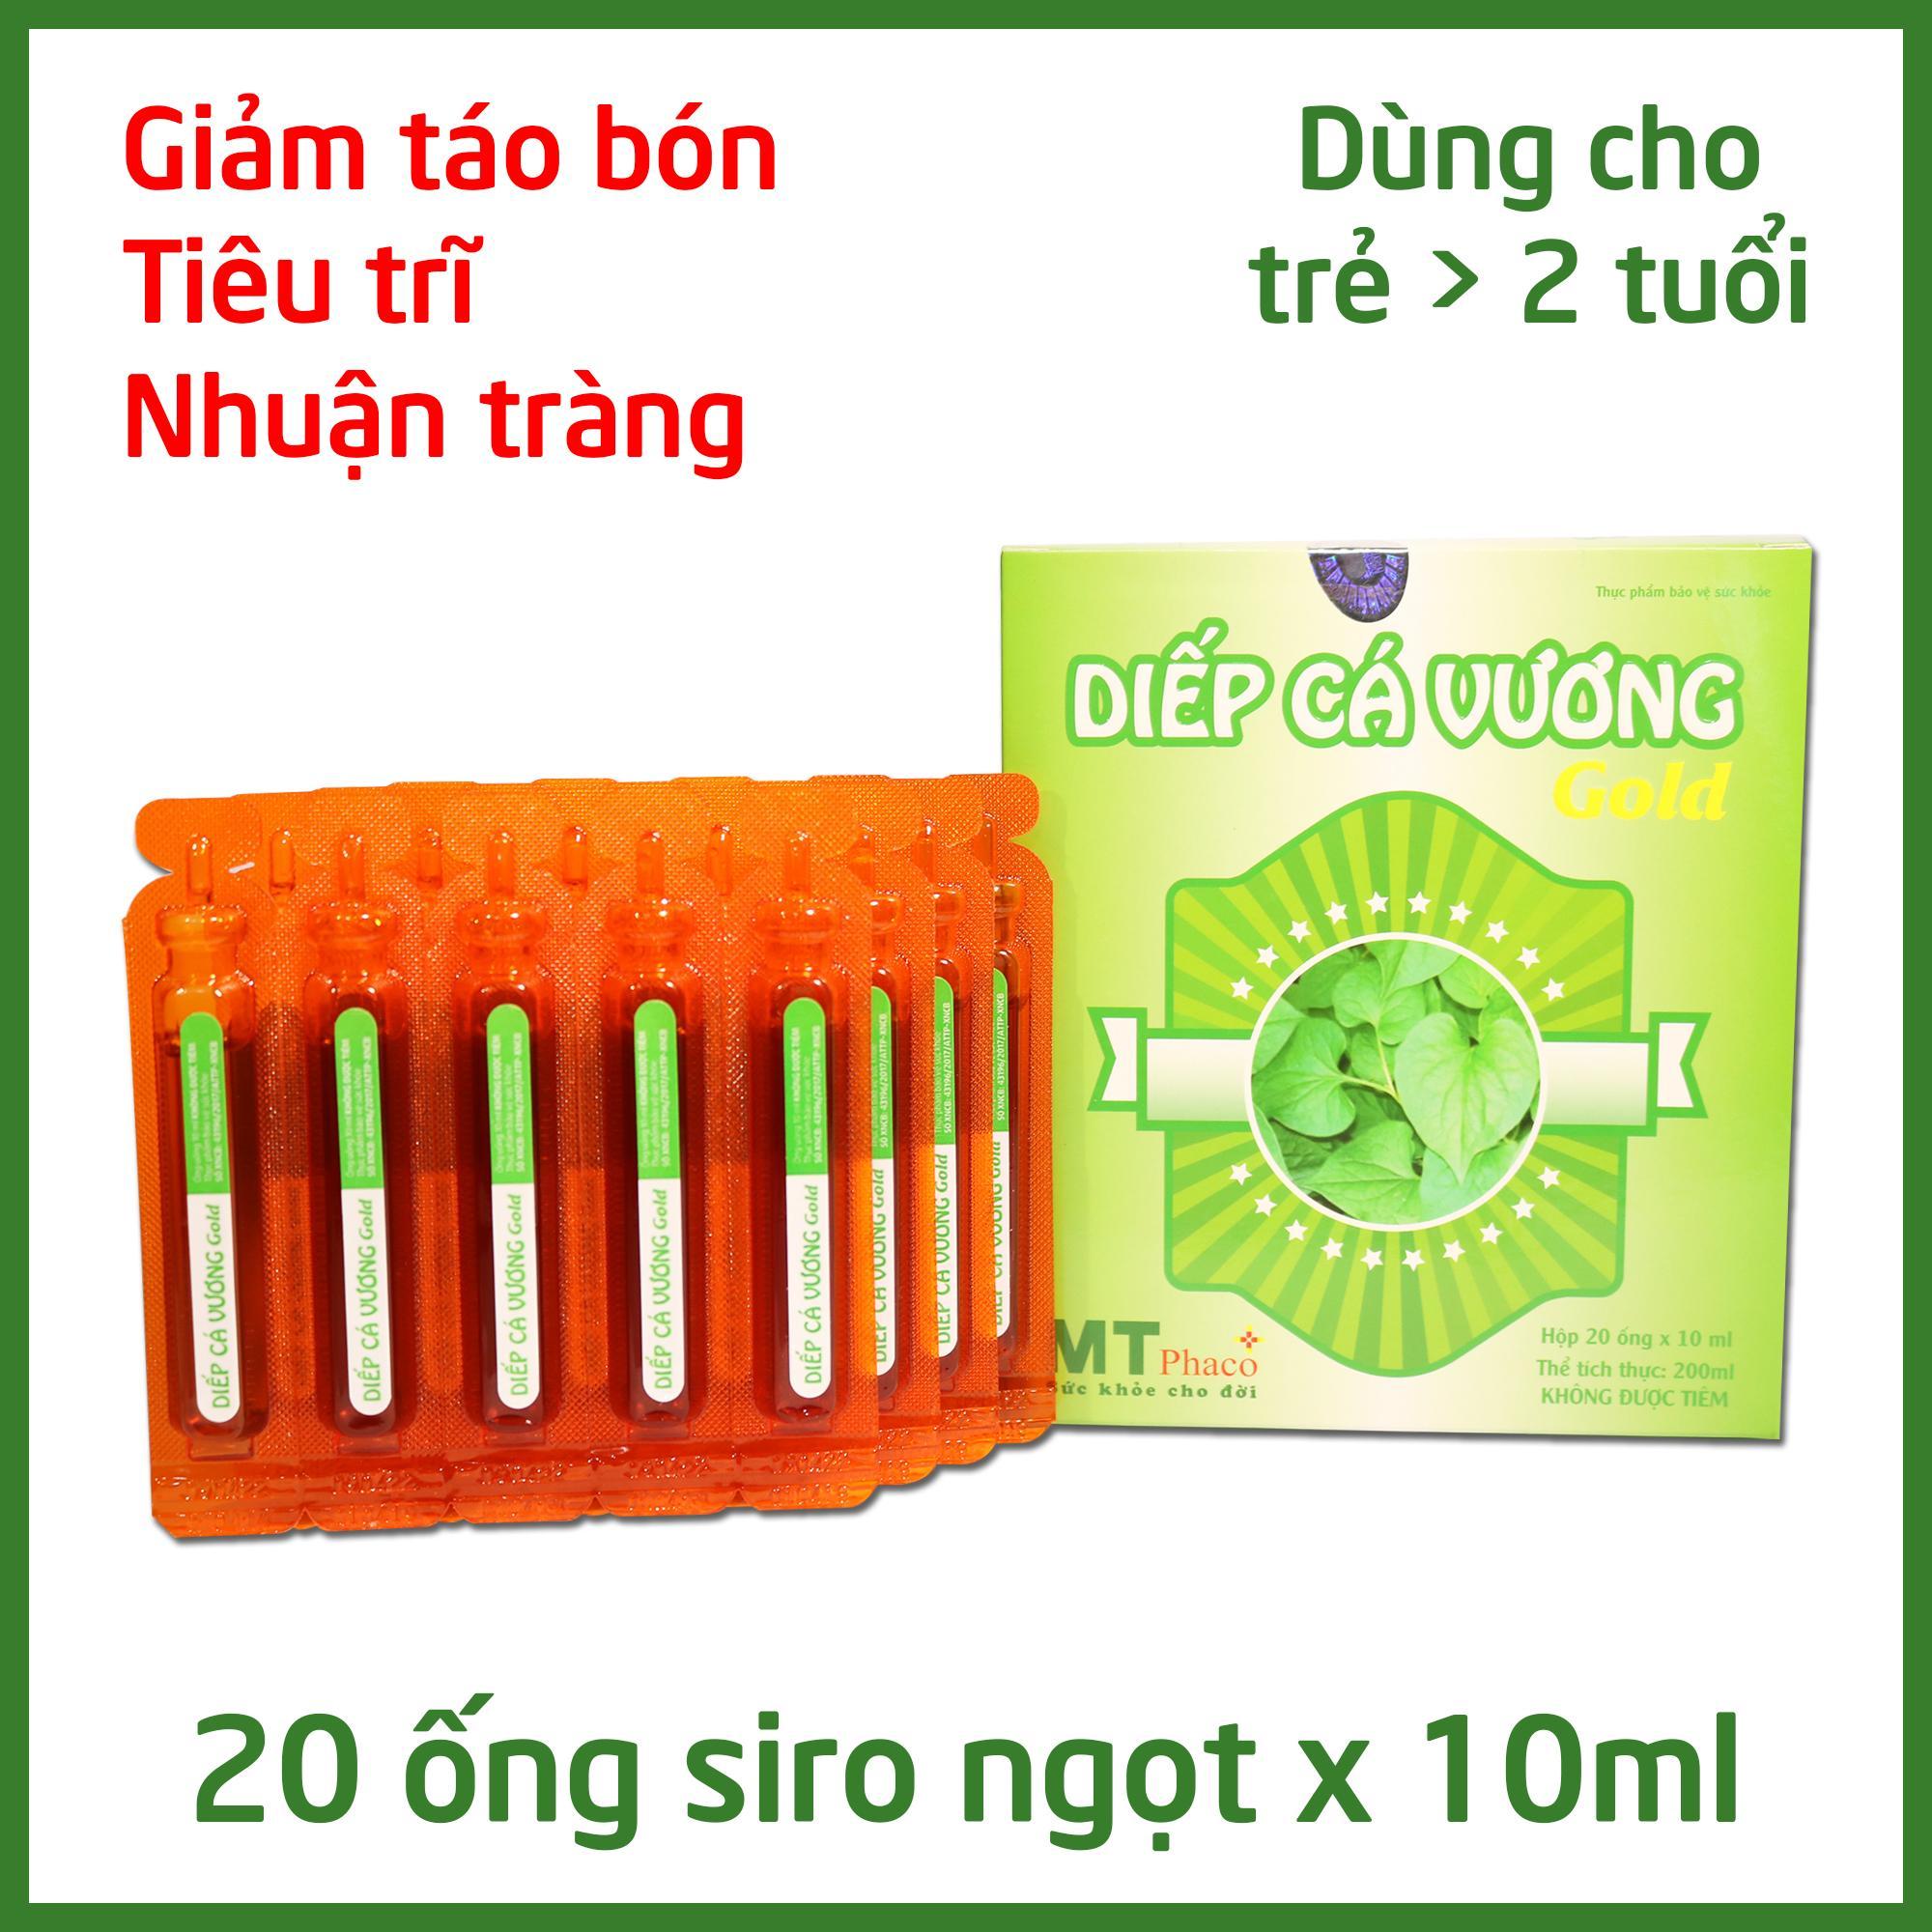 Diếp Cá Vương GOLD - Giảm Táo Bón Cho Bé, Tăng chất xơ - Dạng siro ngọt 20 ống x 10ml